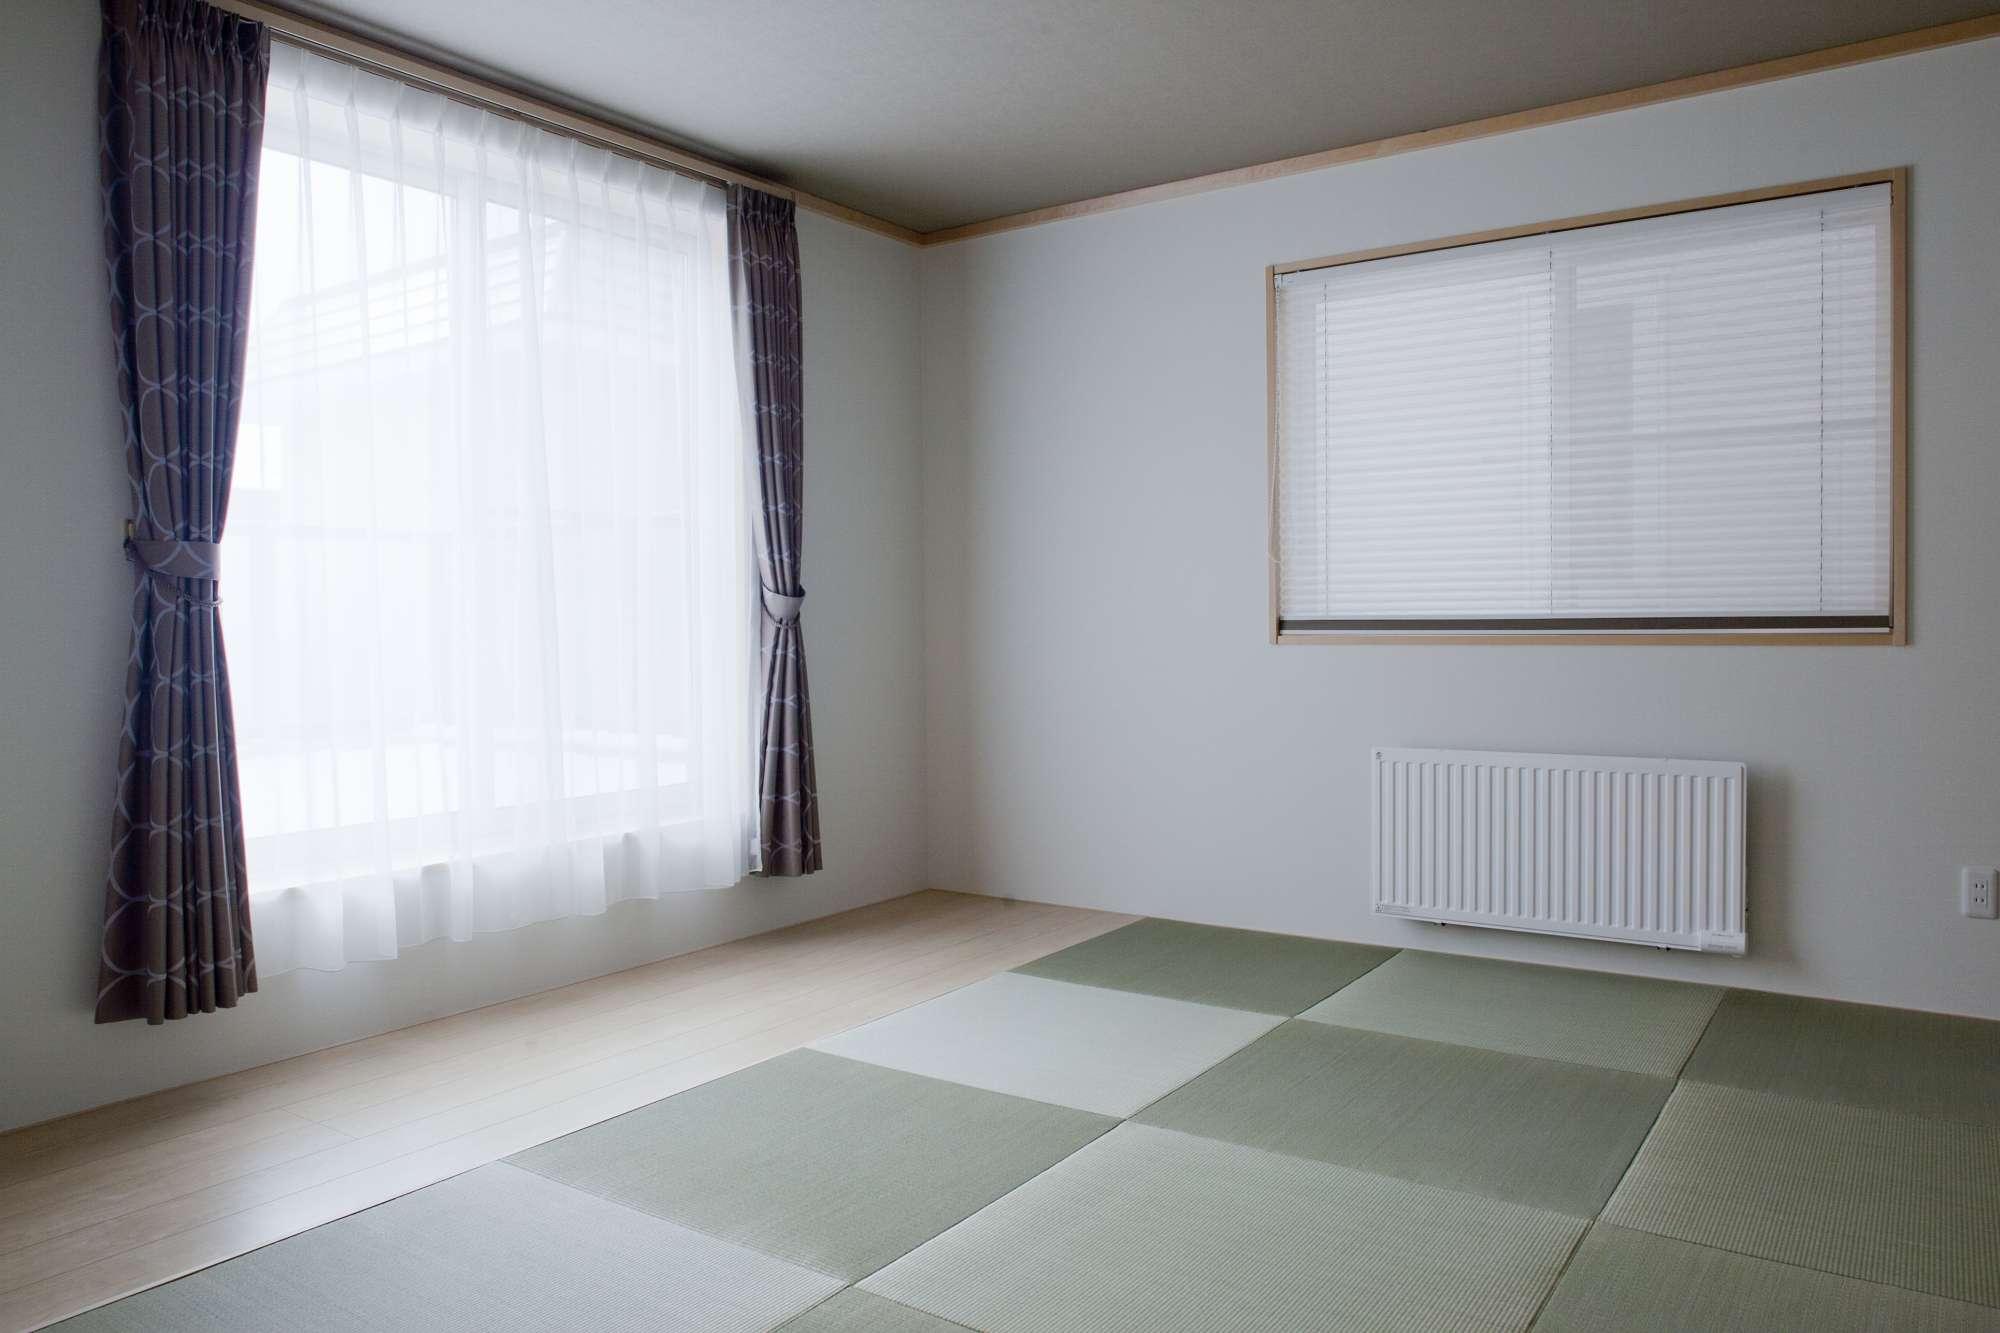 フロアは琉球畳とフローリングを組合わせることで、掃除もしやすい仕様に -  -  -